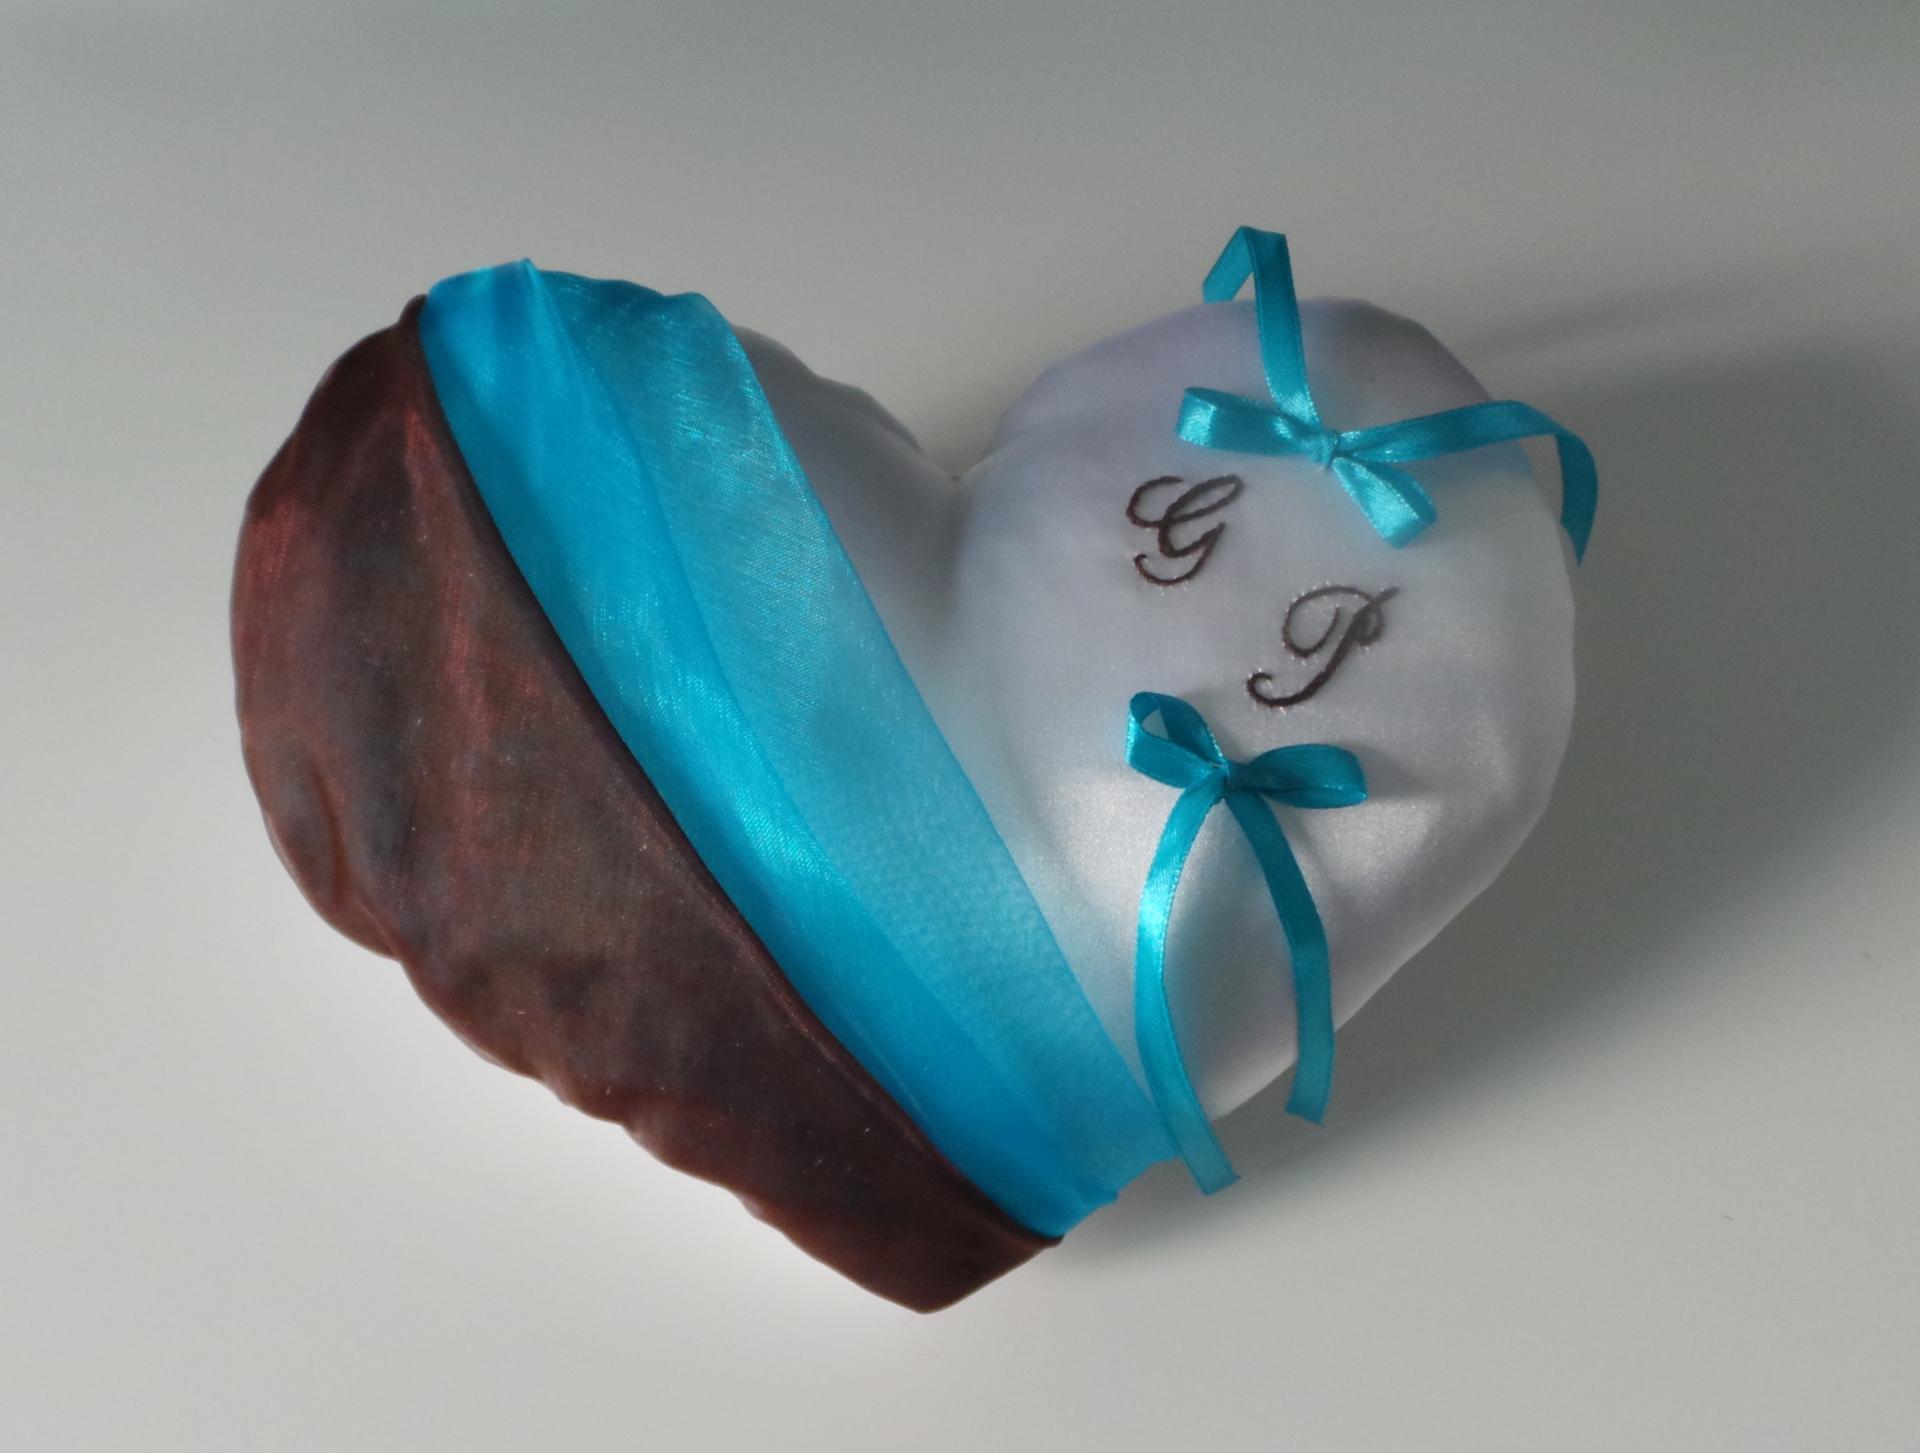 Coussin alliance coeur chocolat turquoise personnalisé